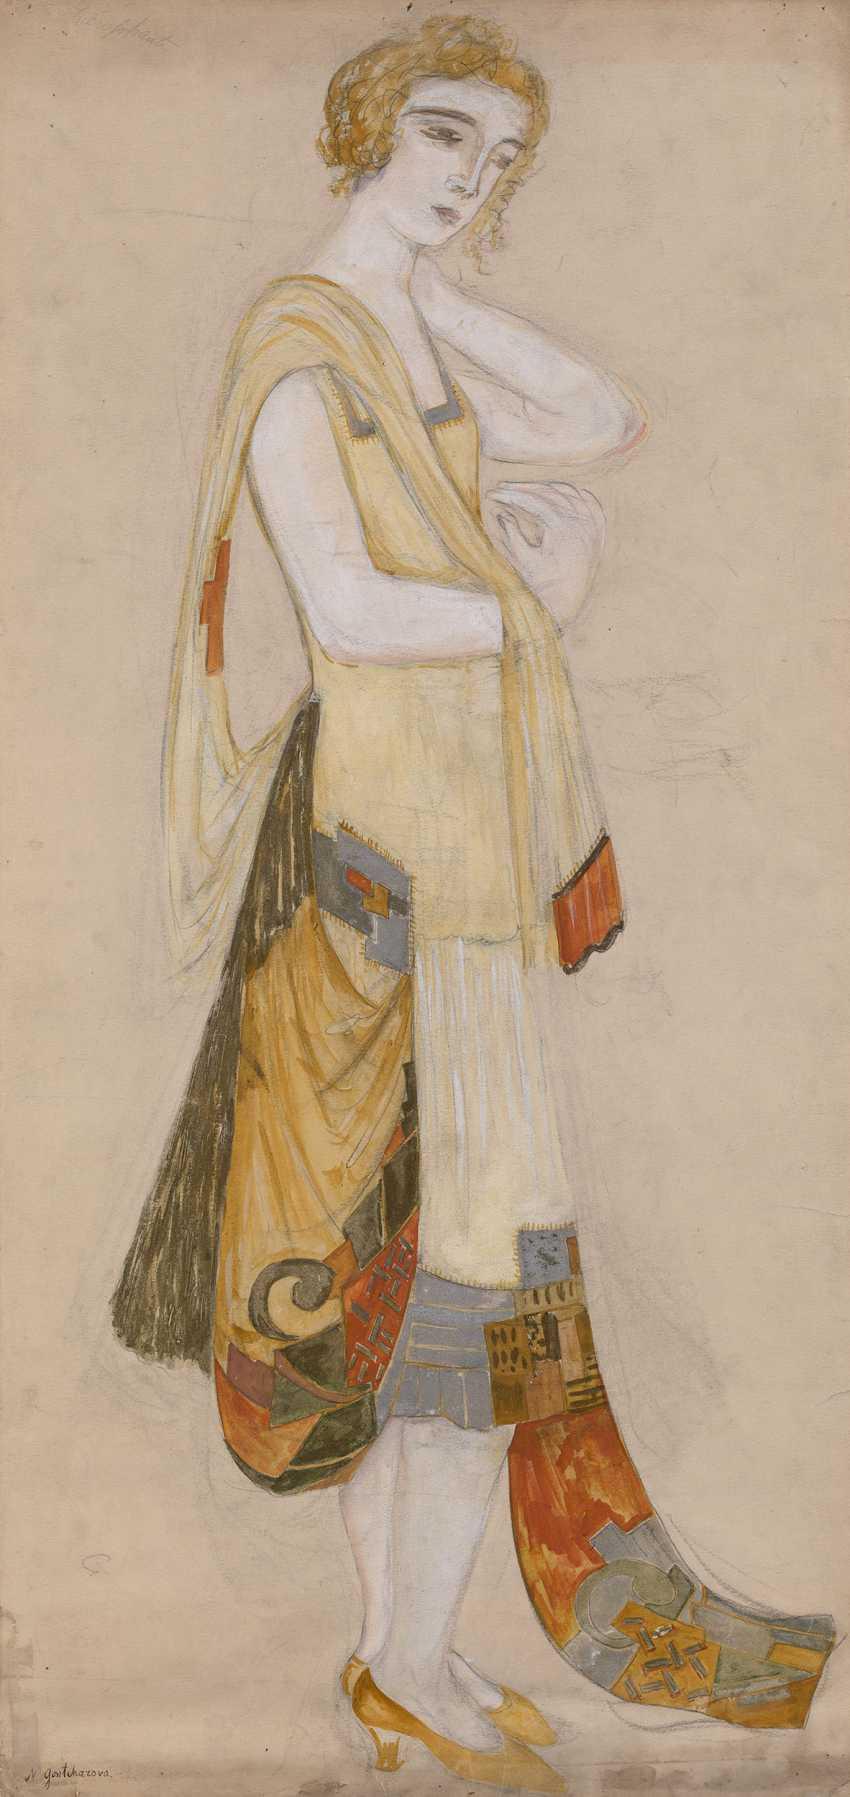 GONCHAROVA, NATALIA (1881-1962)